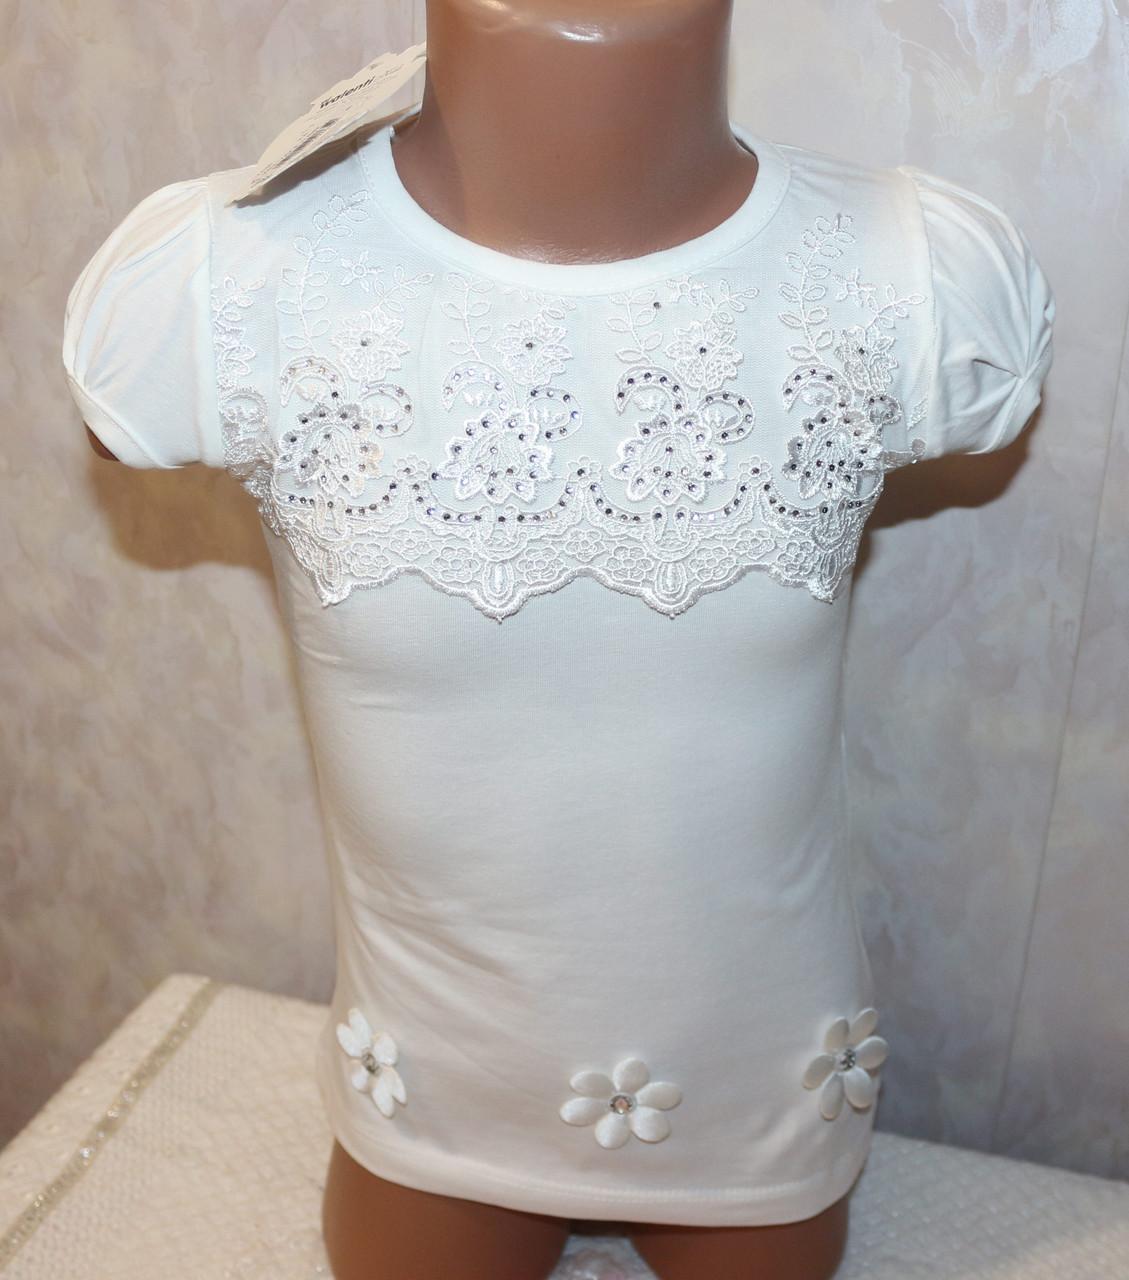 Нарядная футболка на девочку в стразах 2-3,3-4,4-5,5-6 лет